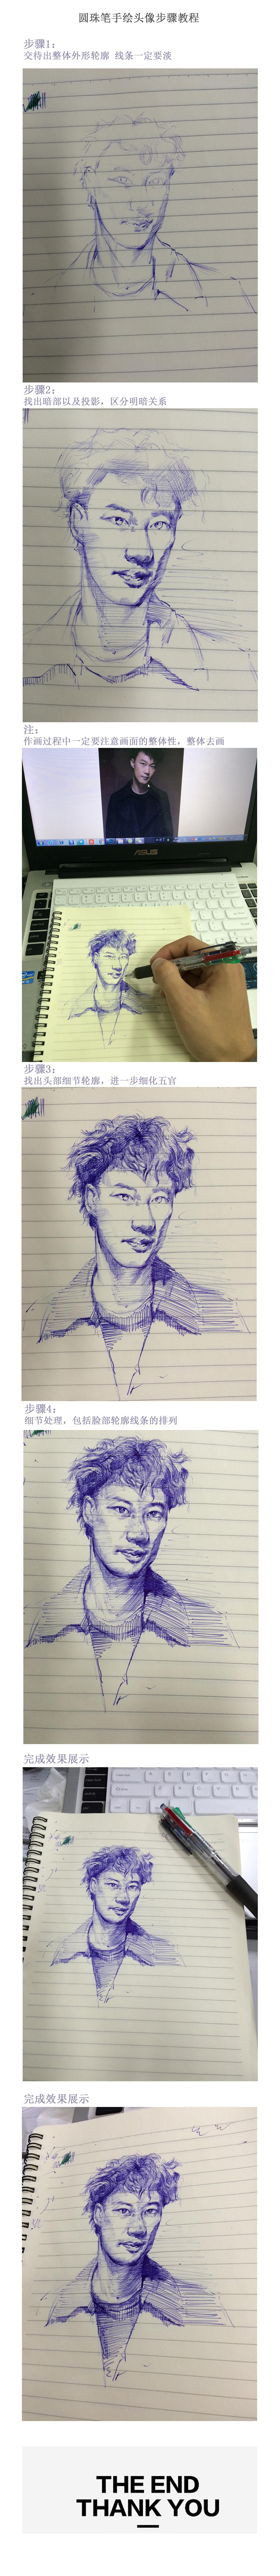 圆珠笔手绘陈奕迅——步骤讲解